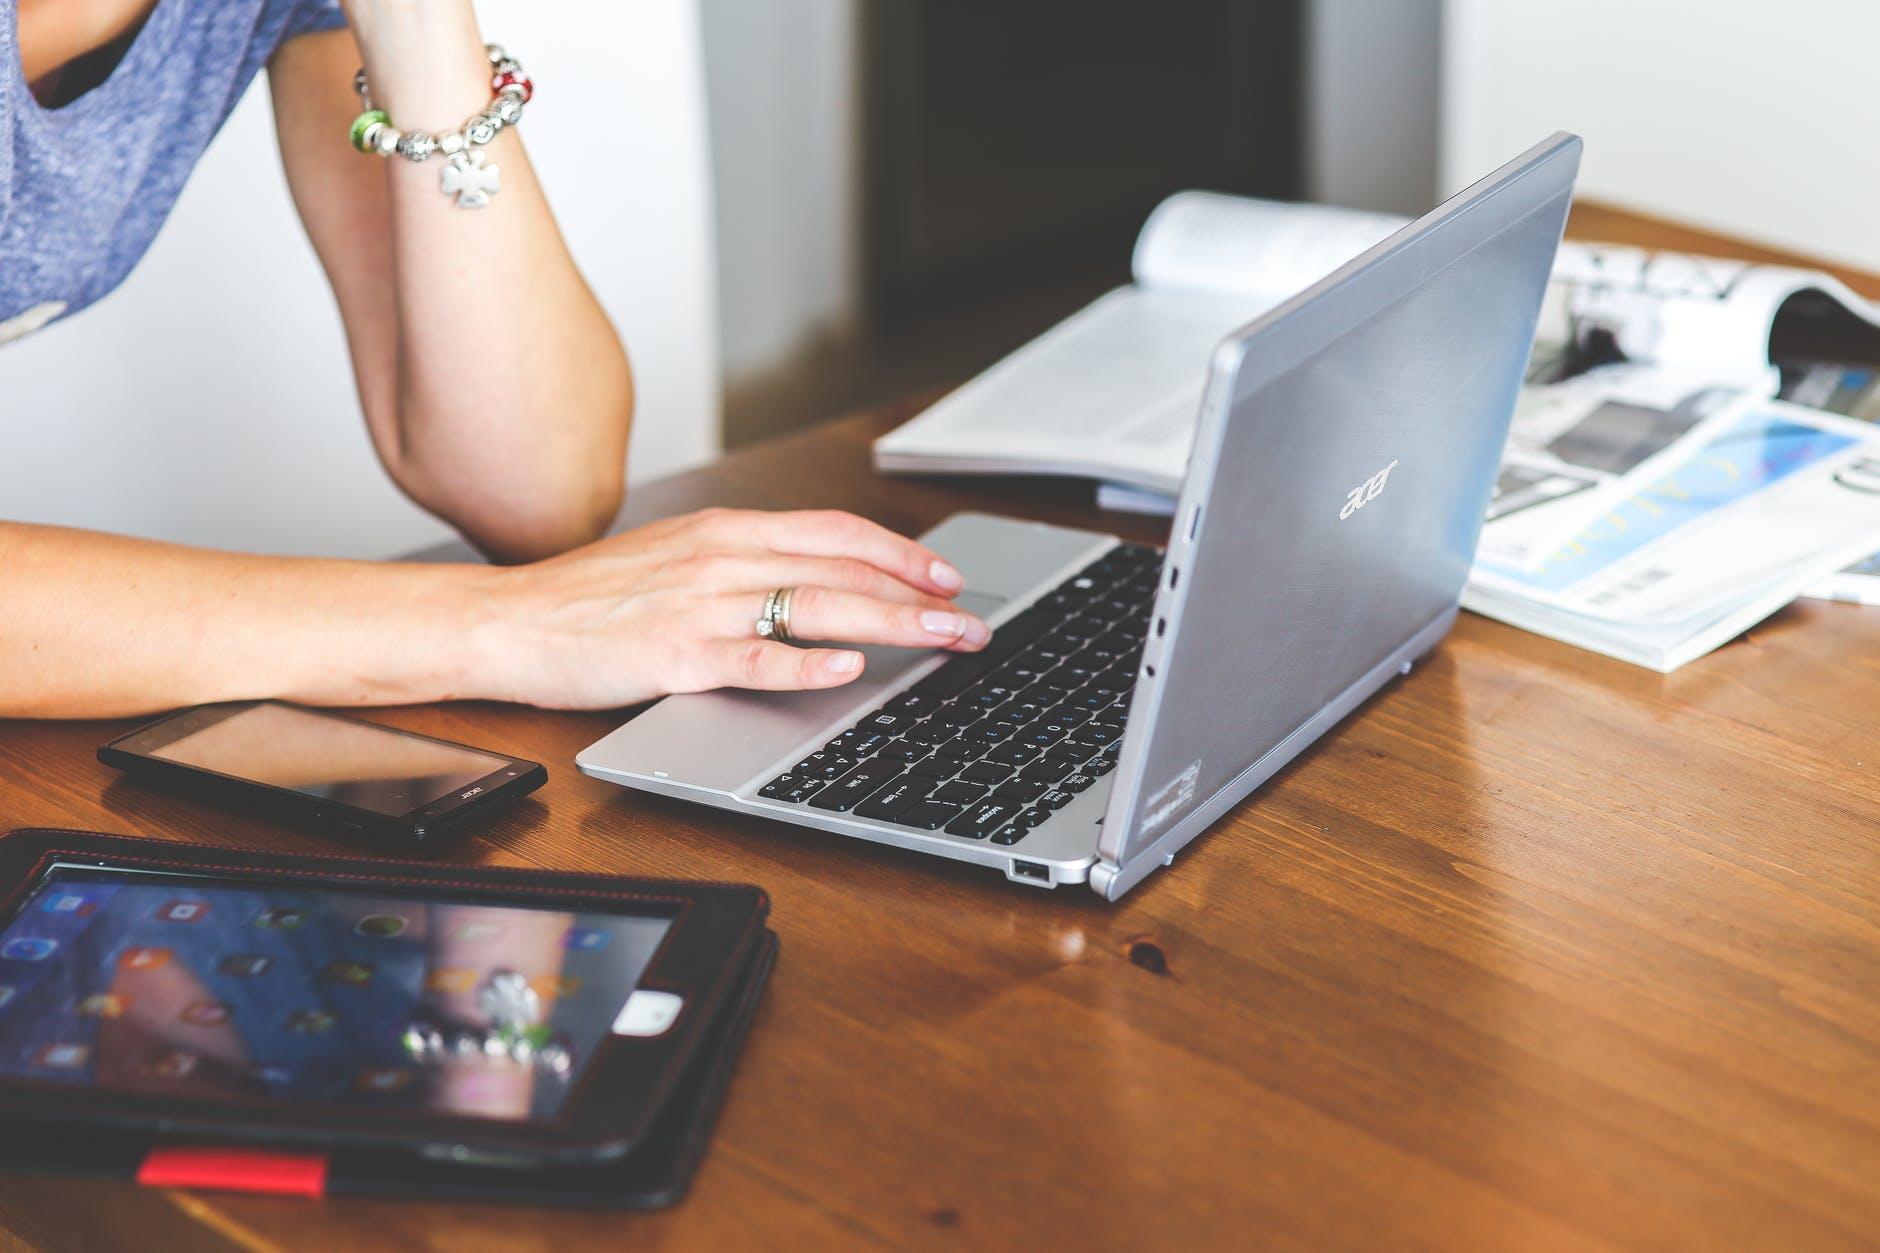 digitalisation et teletravail, fin des open spaces, temps de travail, nouveaux risques psycho-sociaux : ce que la crise du covid-19 pourrait changer au travail